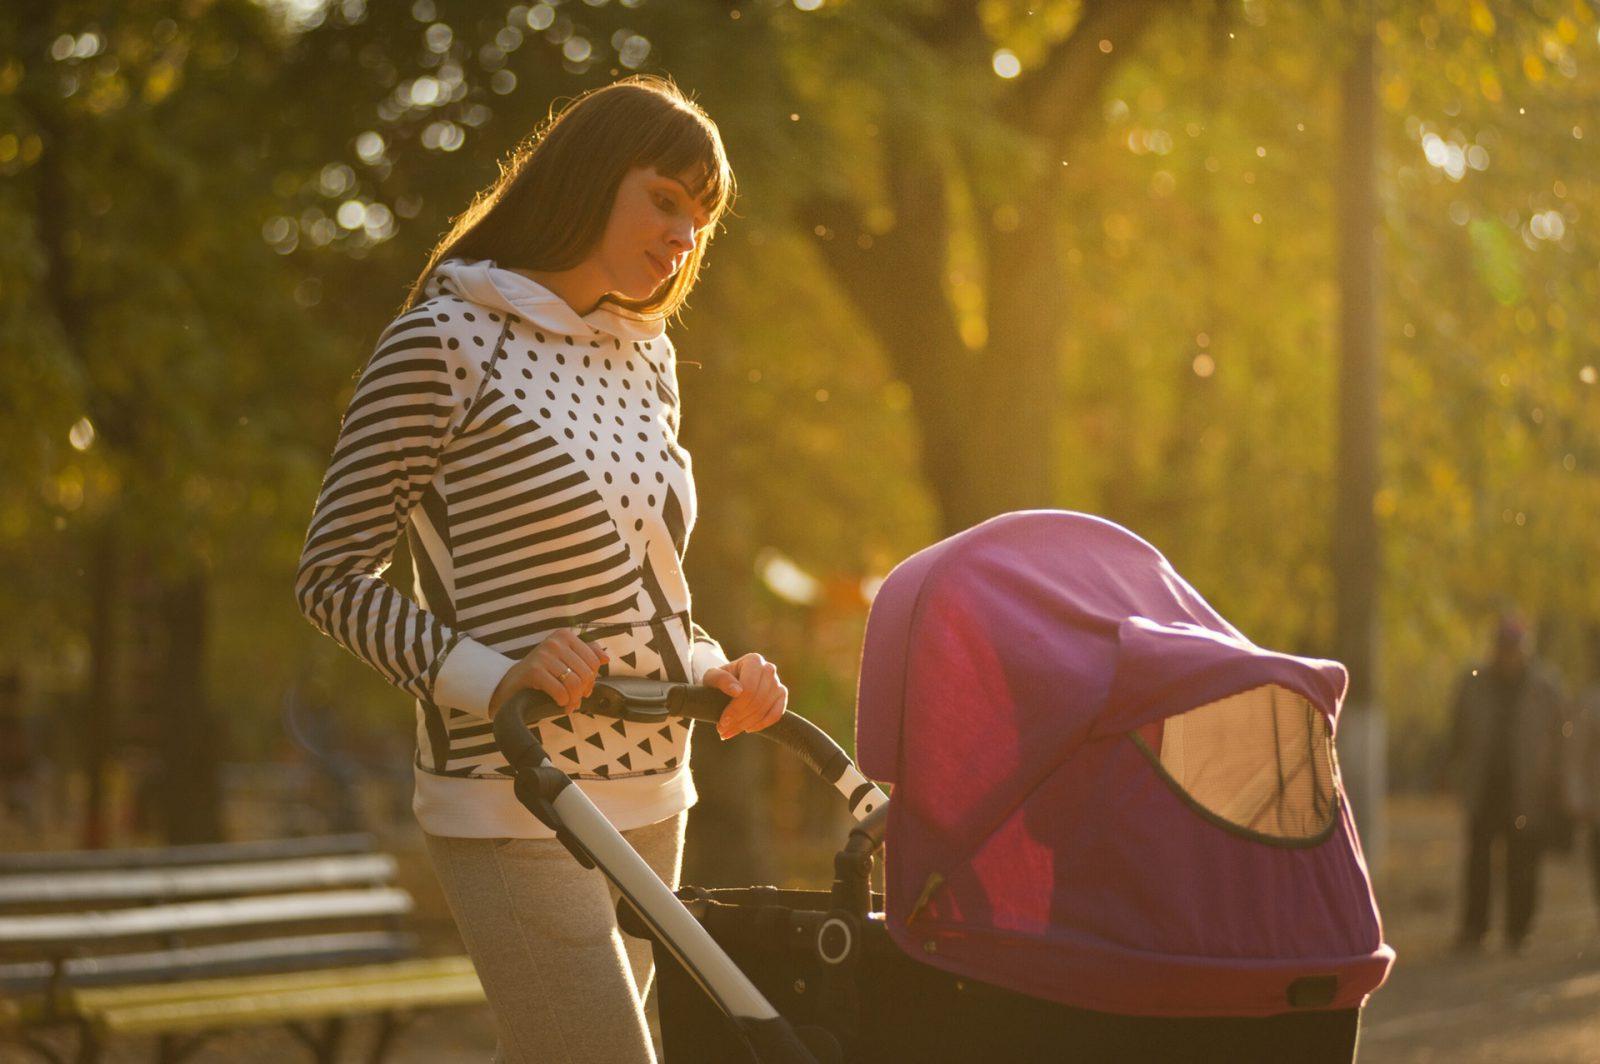 Podem haver alguns efeitos do uso de carrinho de passeio para cachorro sobre o animal.